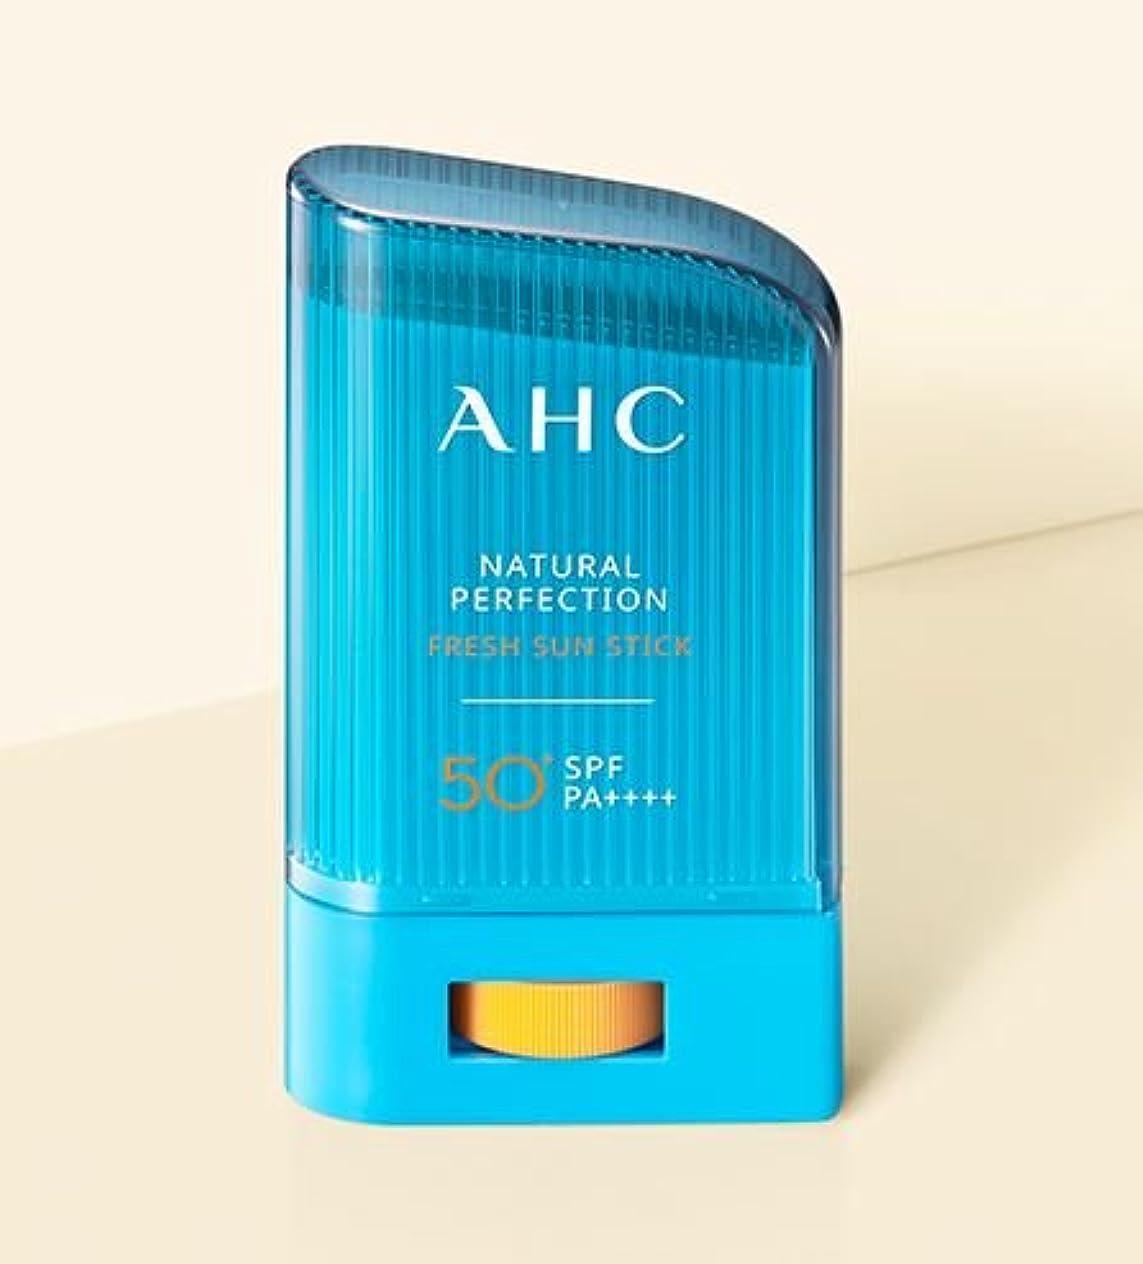 専門化するステッチ編集するAHC Natural perfection fresh sun stick (22g) [並行輸入品]